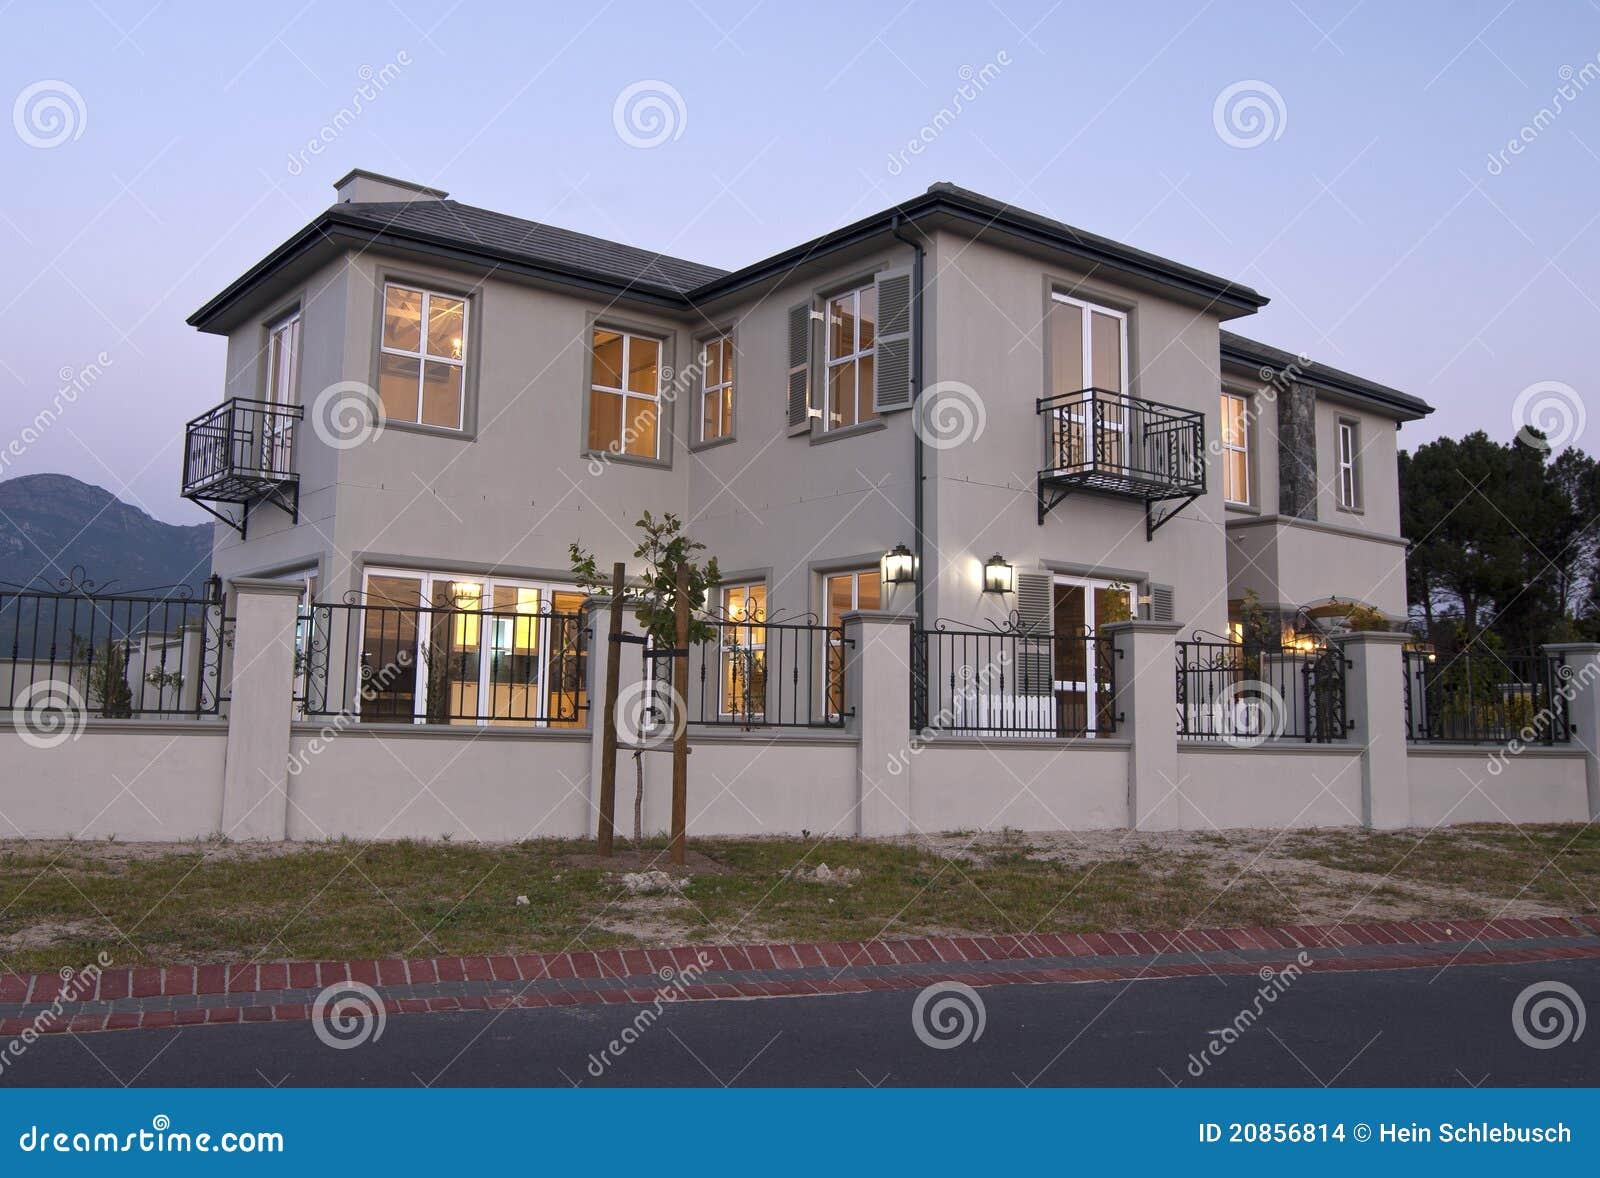 Esterno casa moderna immagini stock immagine 20856814 for Casa moderna bianca esterno